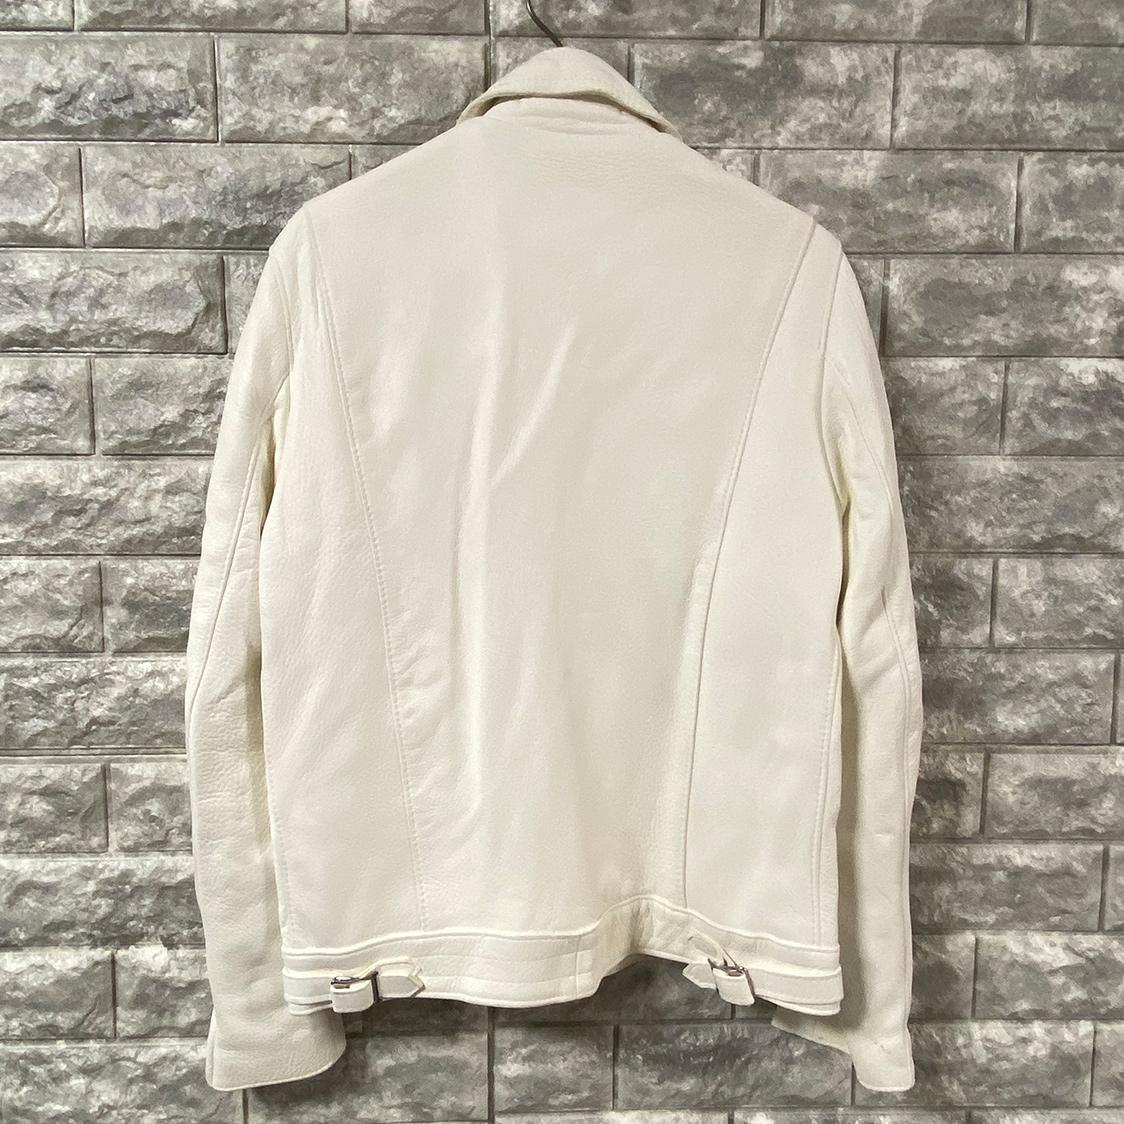 新品 LEWIS LEATHERS ルイスレザー REAL McCOY'S リアルマッコイズ別注モデル 【サイズ38】 ディアスキン レザー ライダースジャケット ホワイト